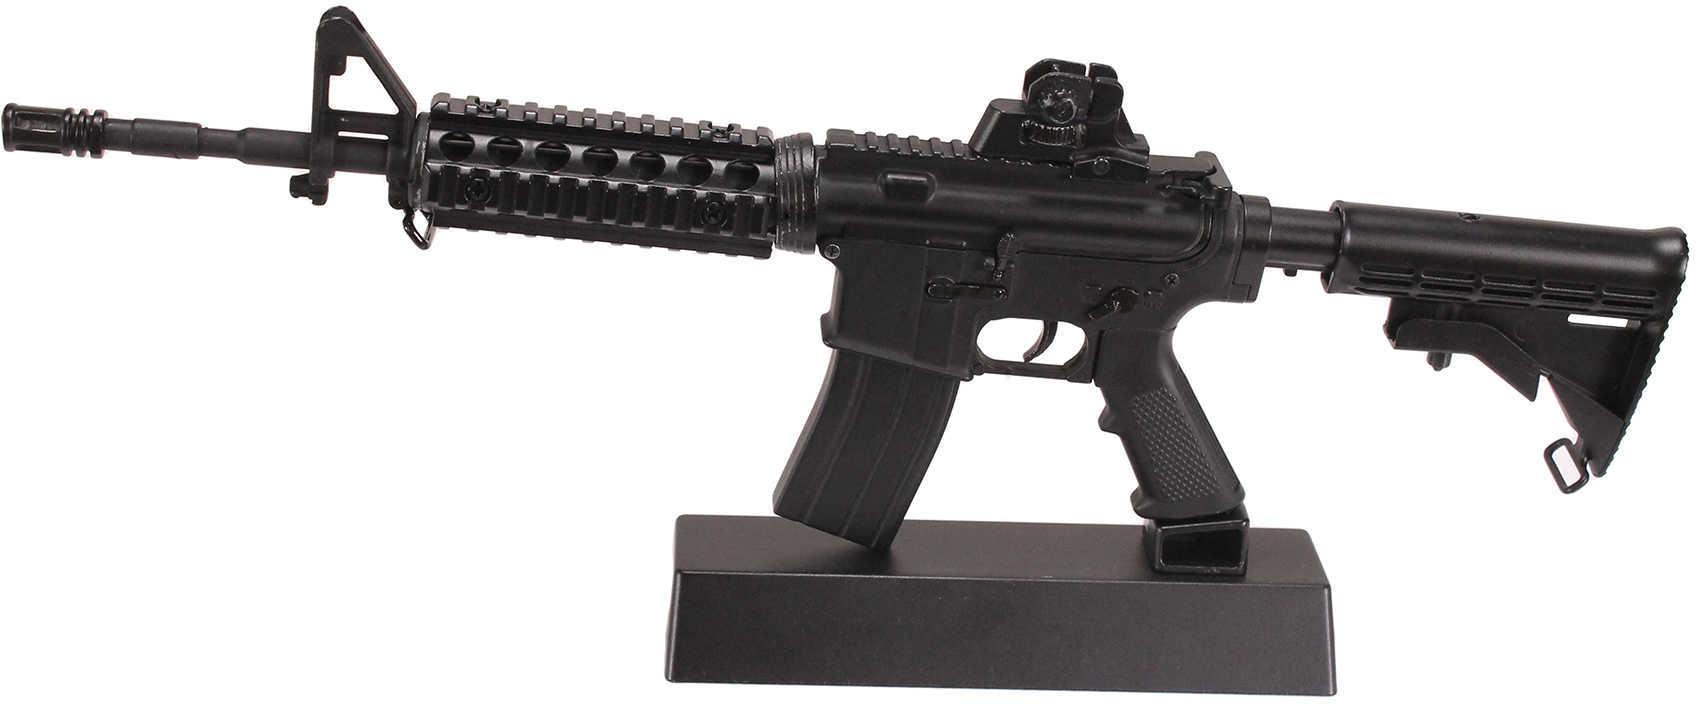 Advanced Technology Intl  AR-15 Mini Replica 1/3 scale